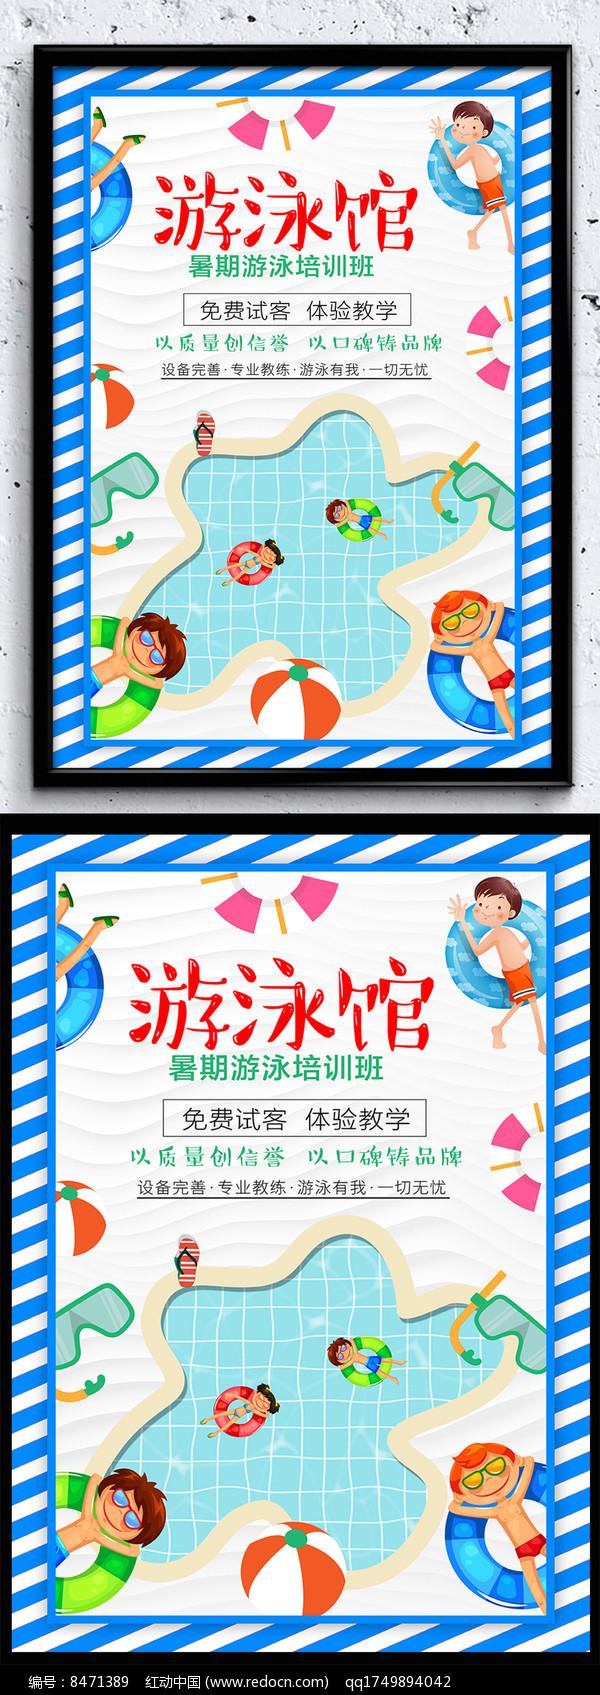 暑期游泳馆招生海报图片